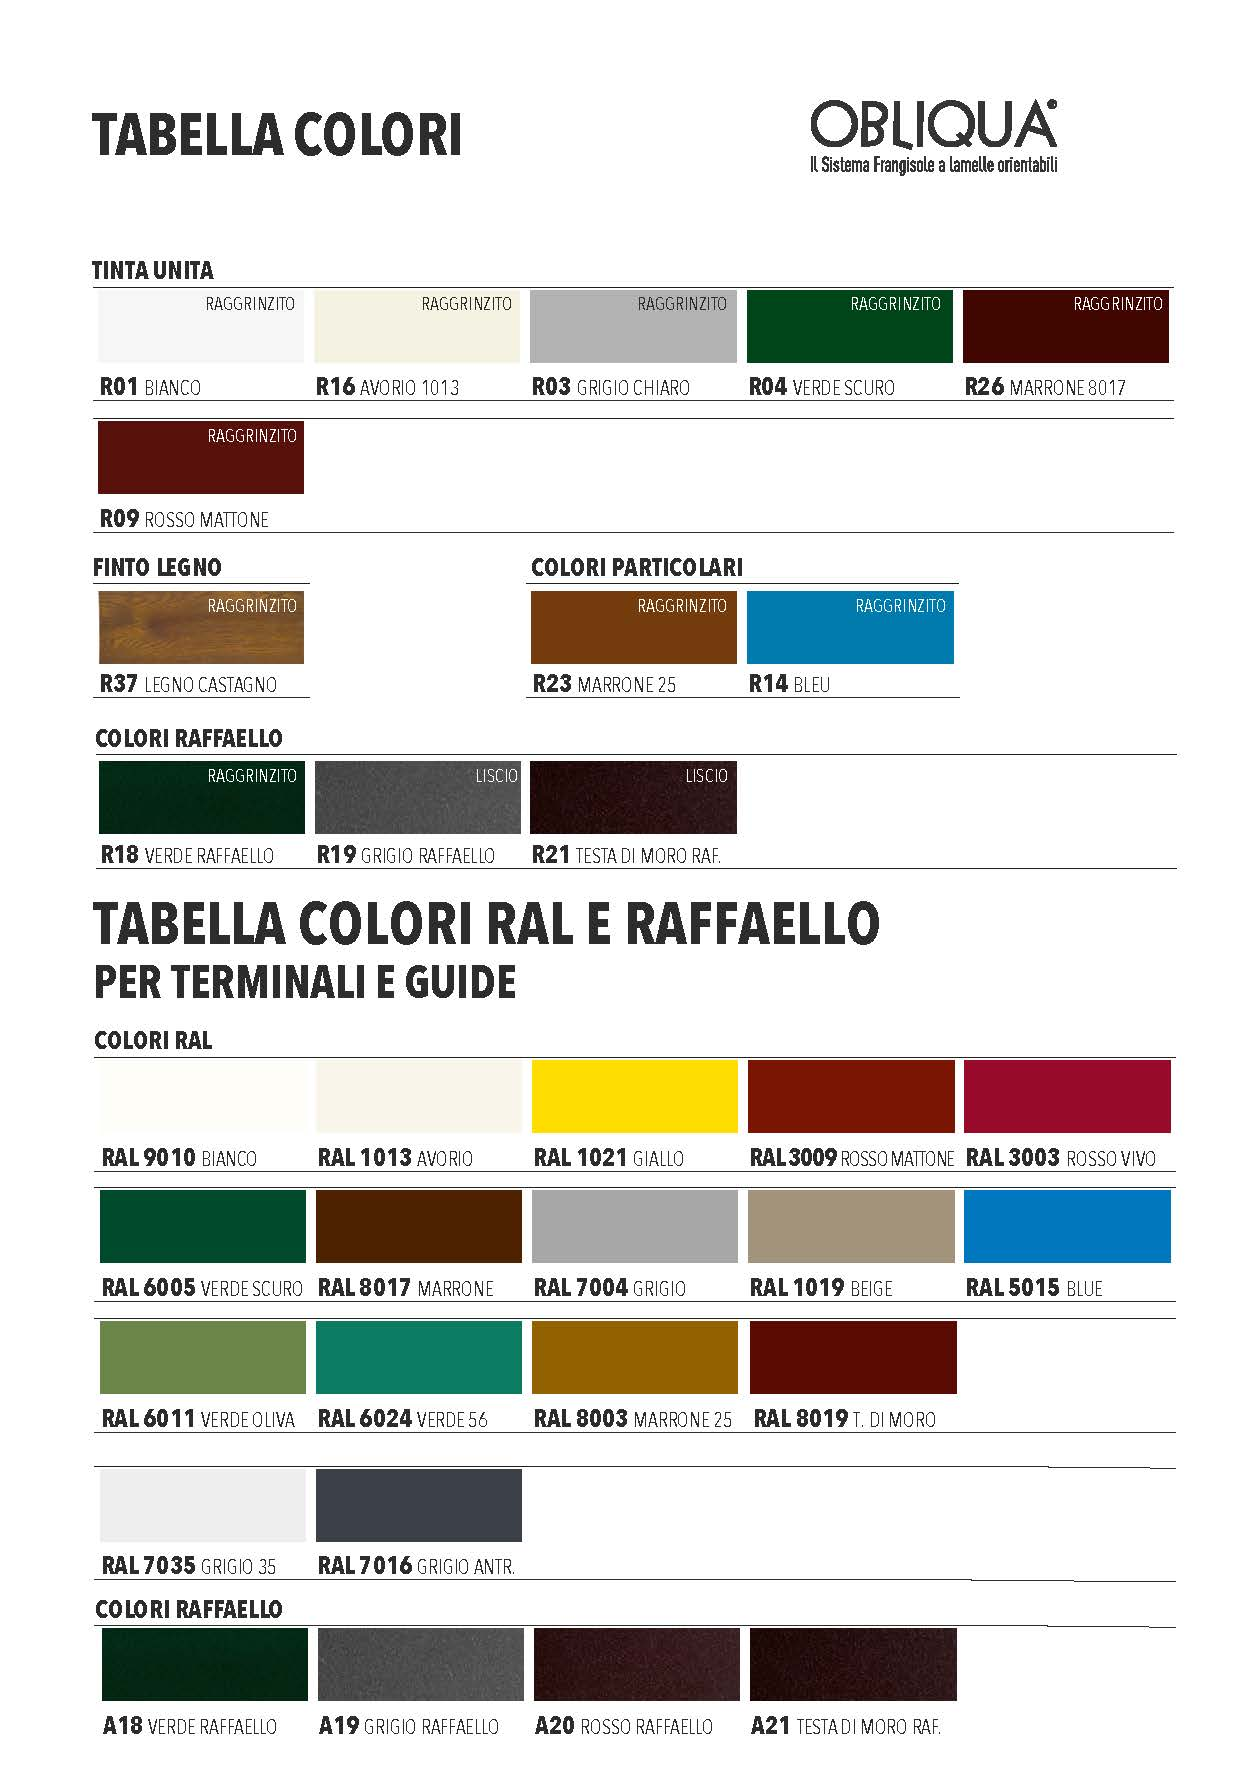 Tabella Colori Tapparelle Obliqua